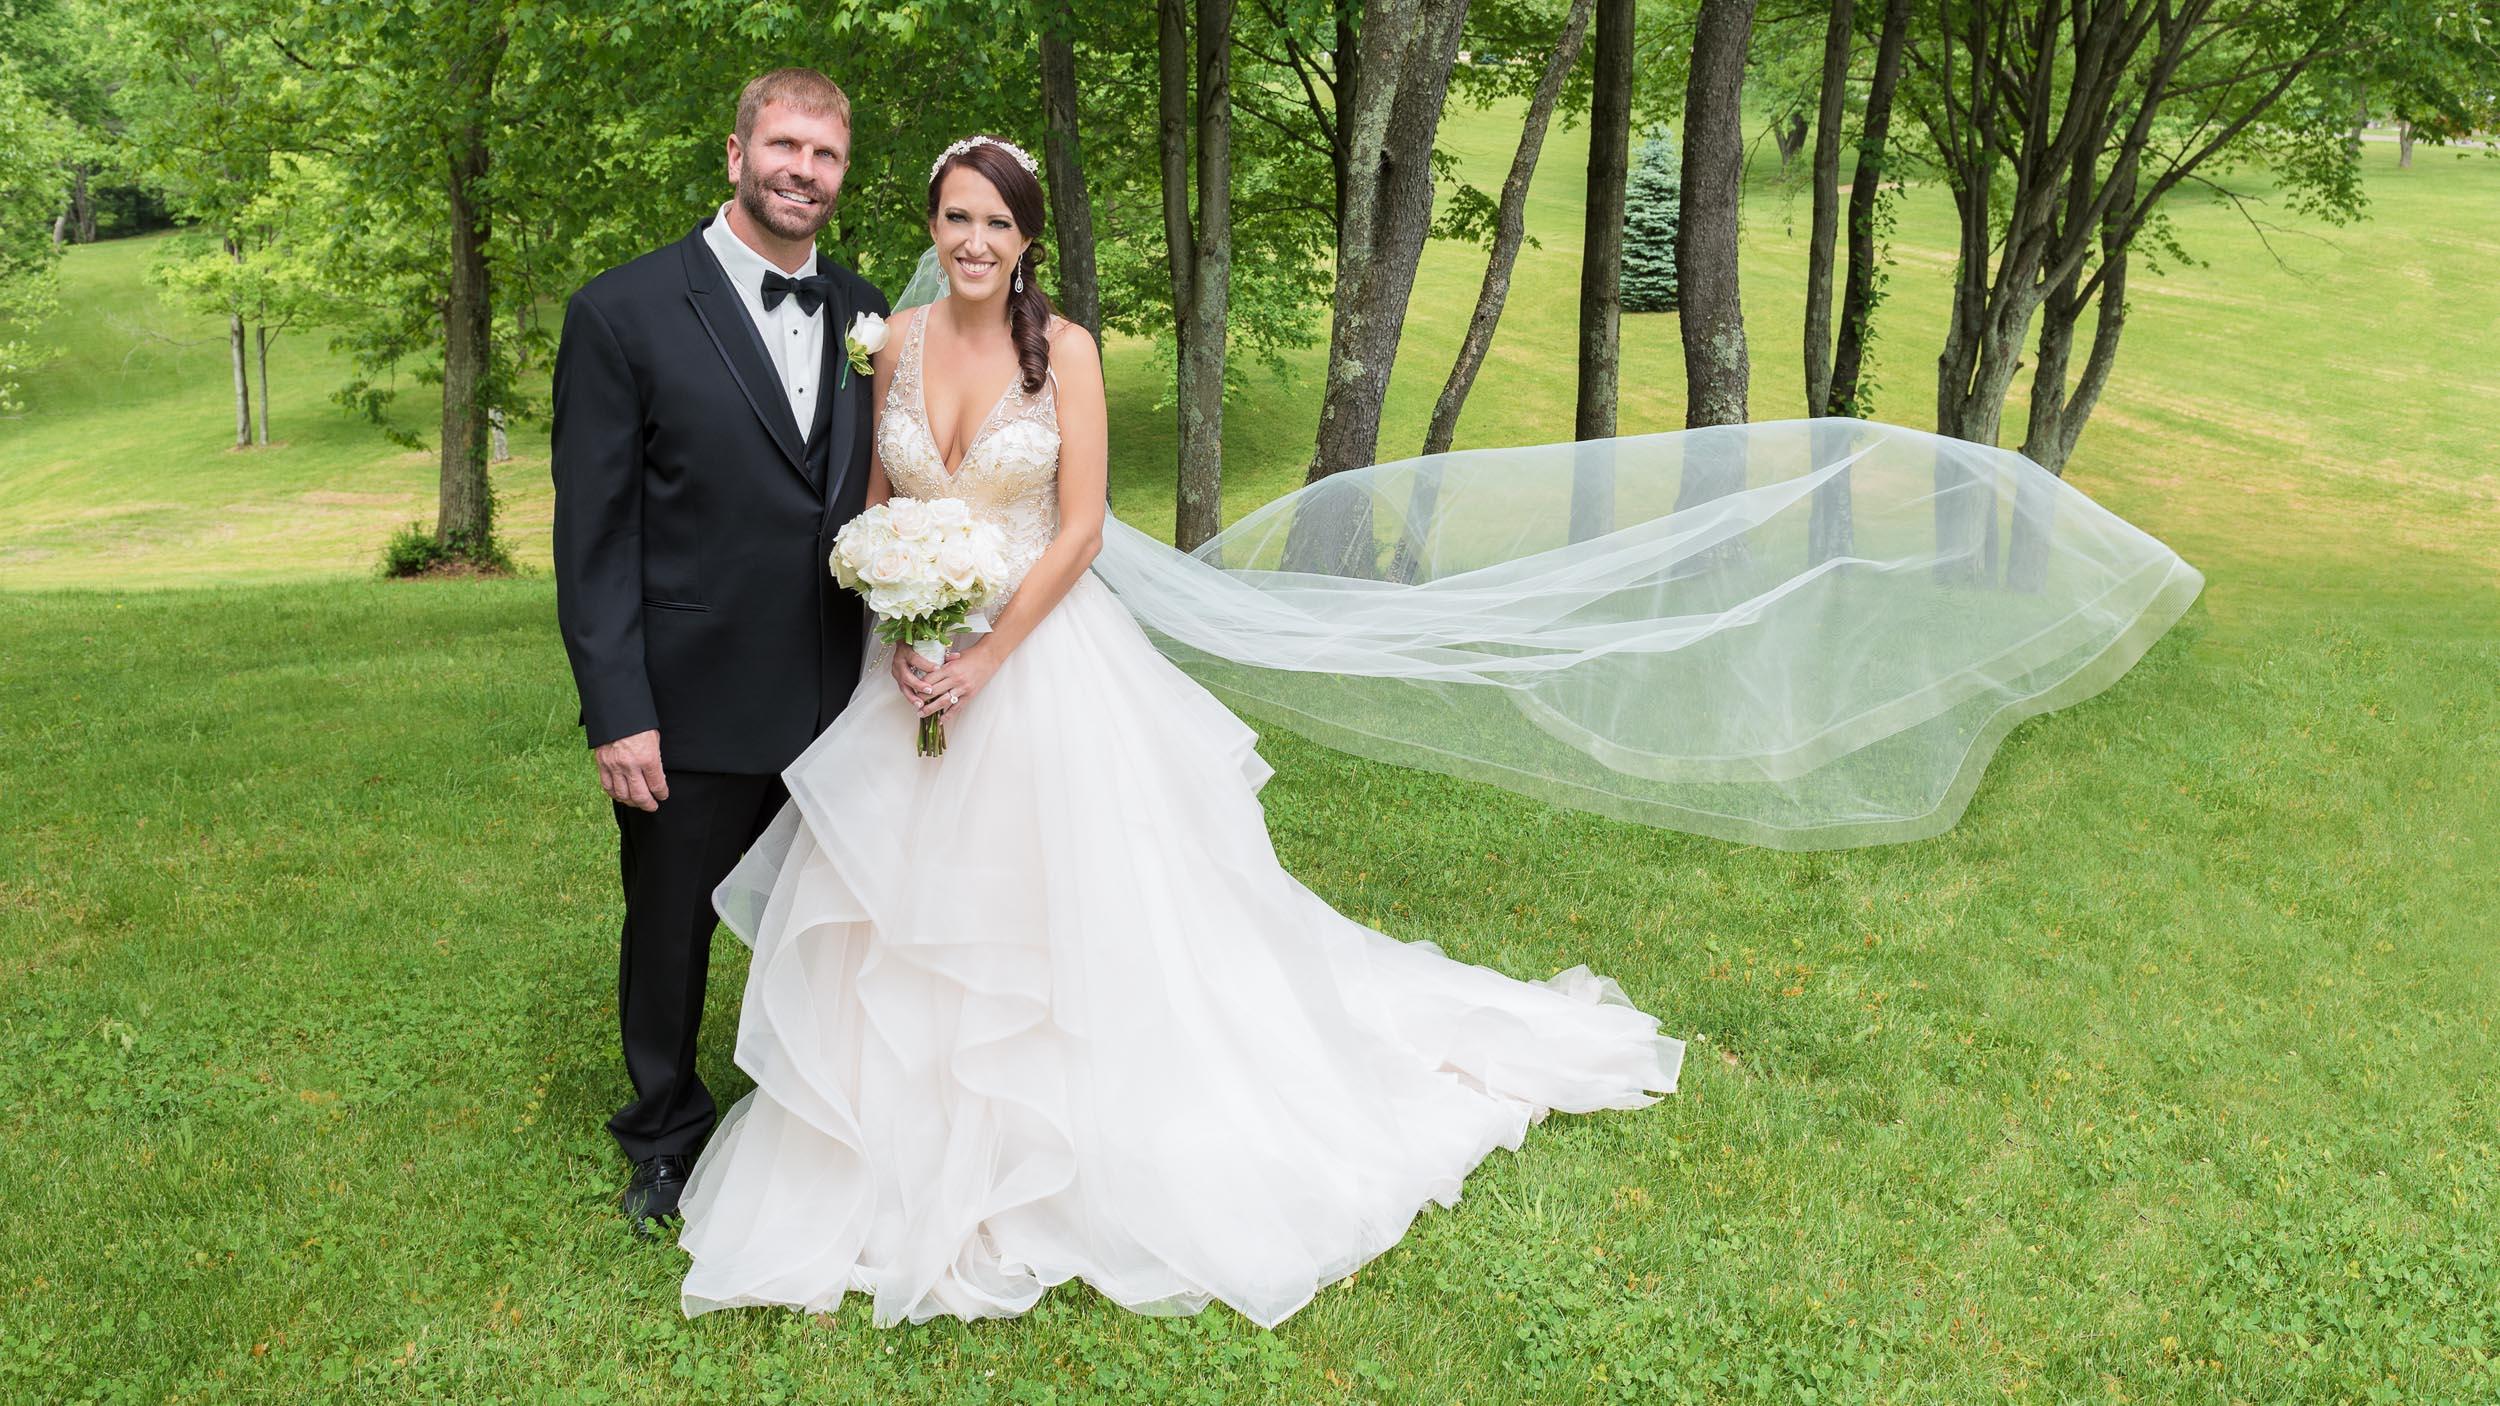 Bride-and-groom-veil-drop-portrait.jpg